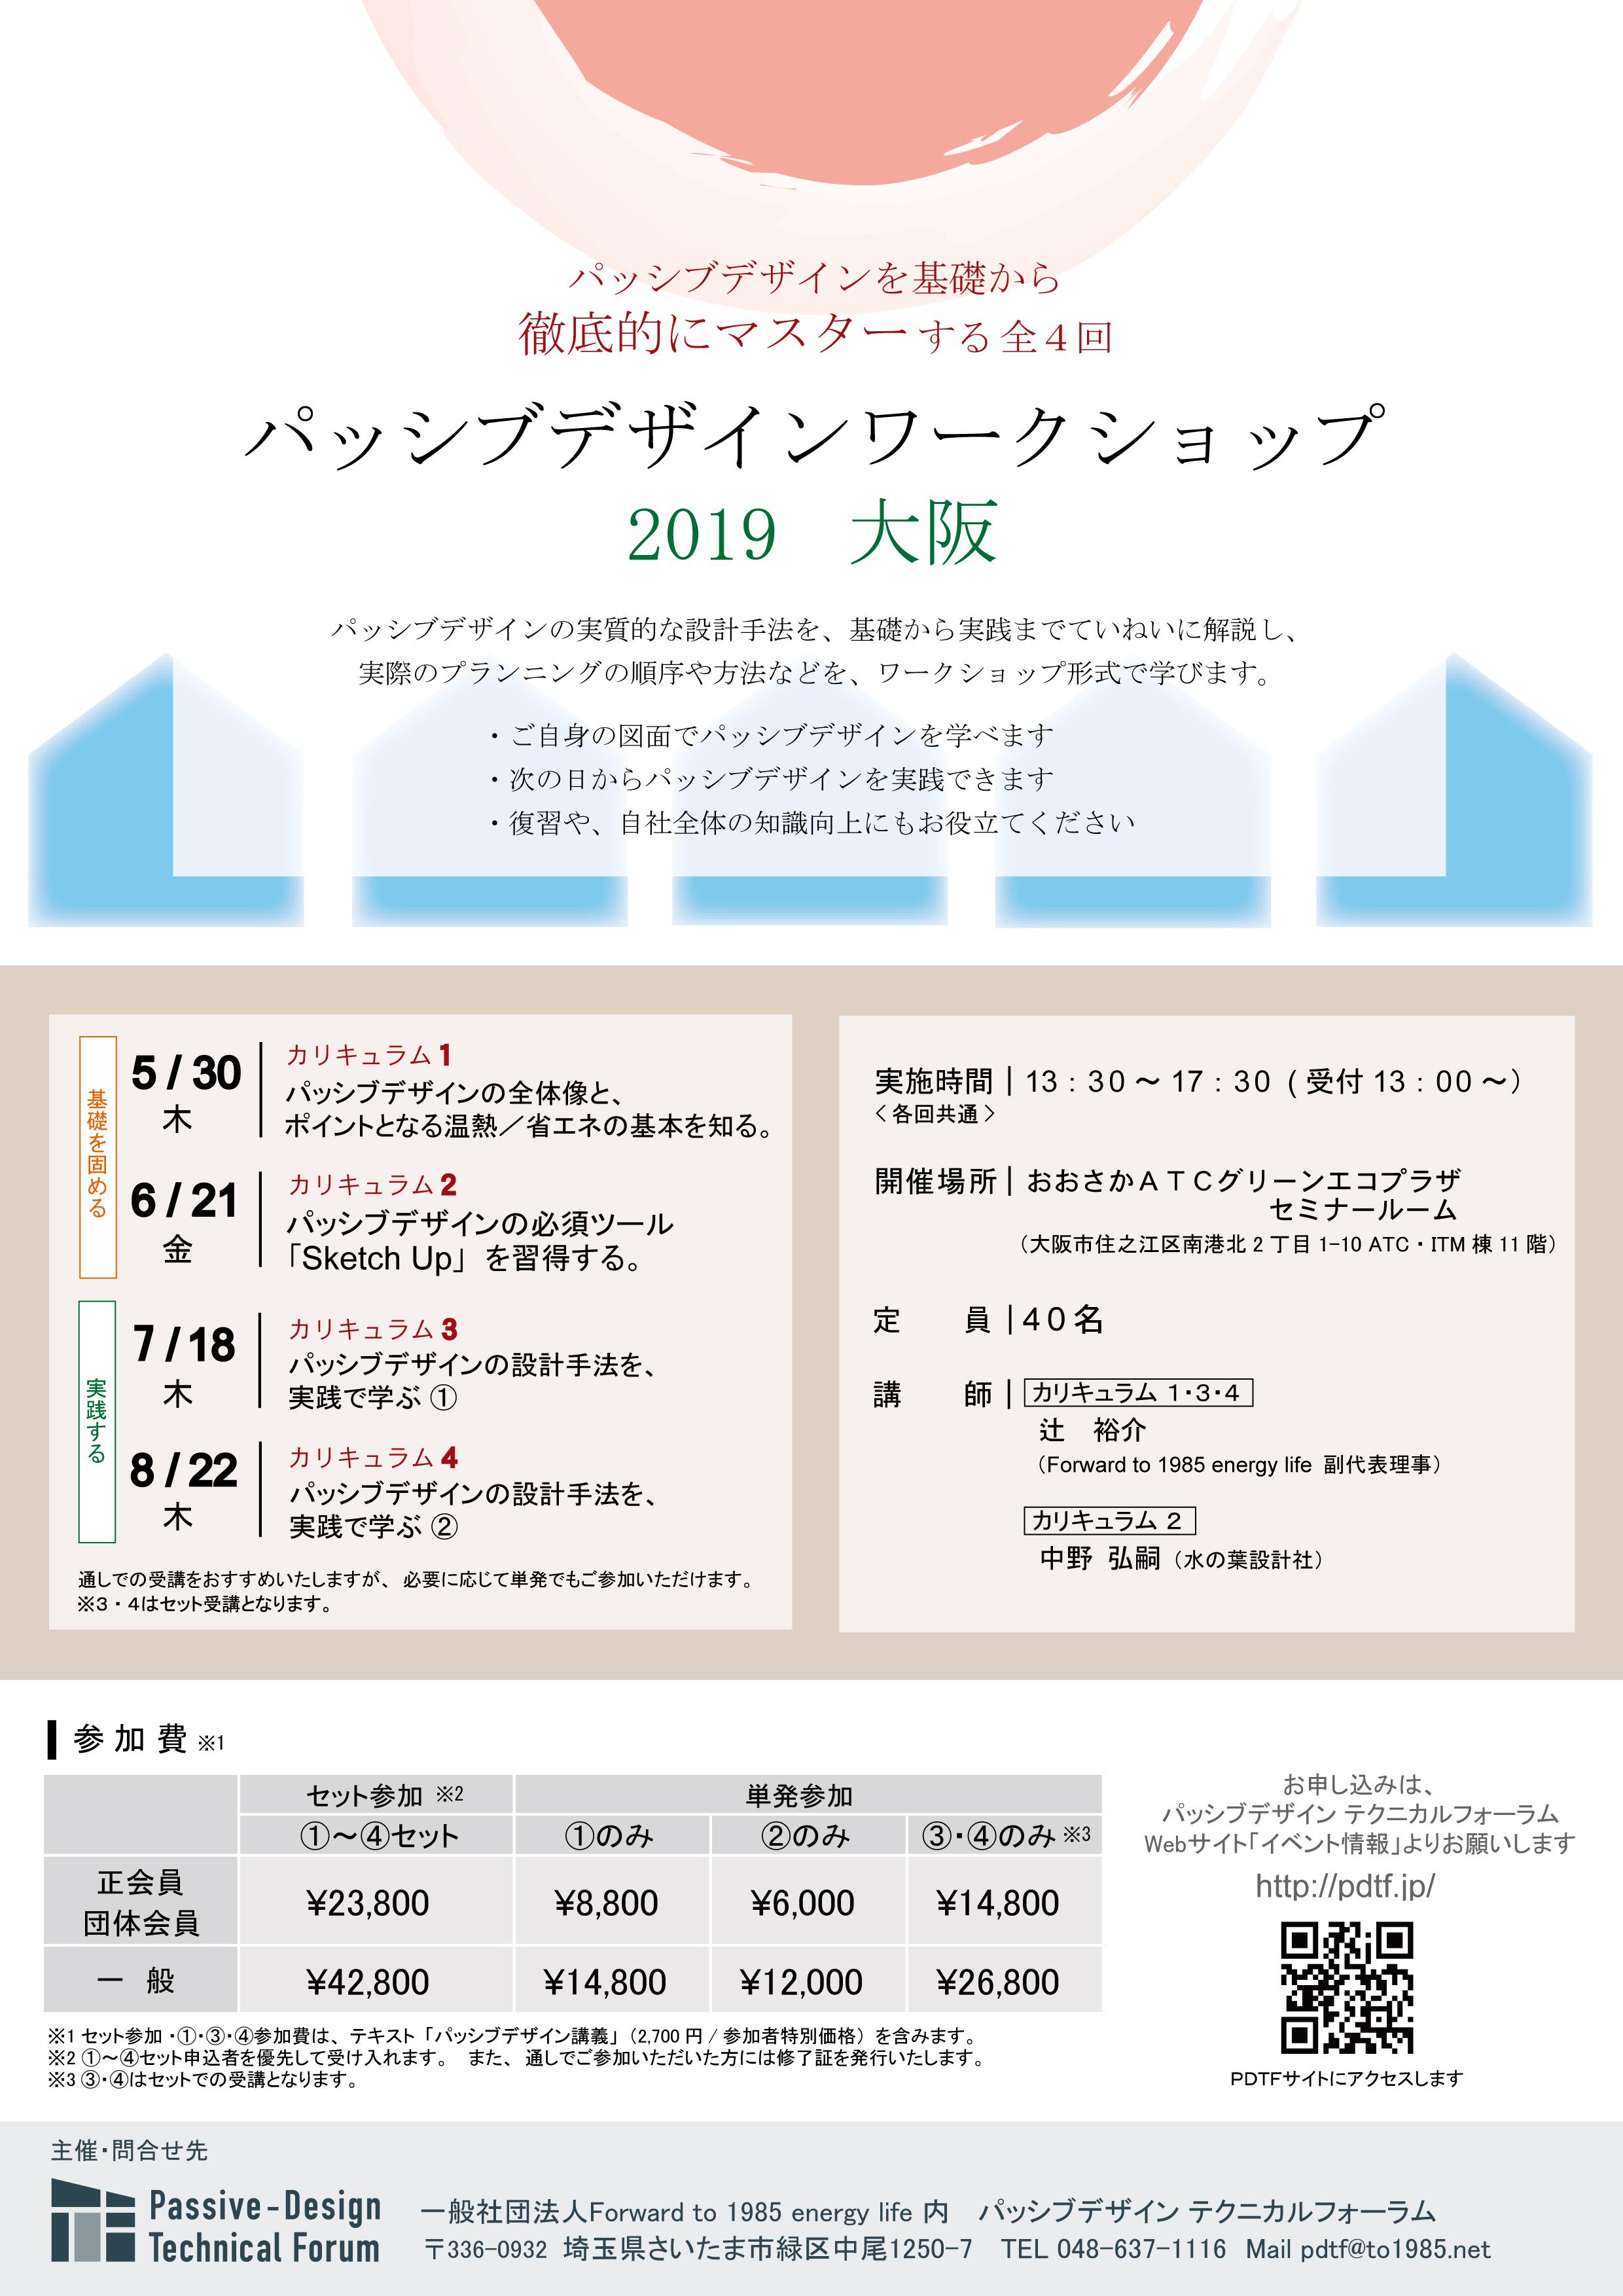 パッシブデザインワークショップ 2019 in大阪 開催